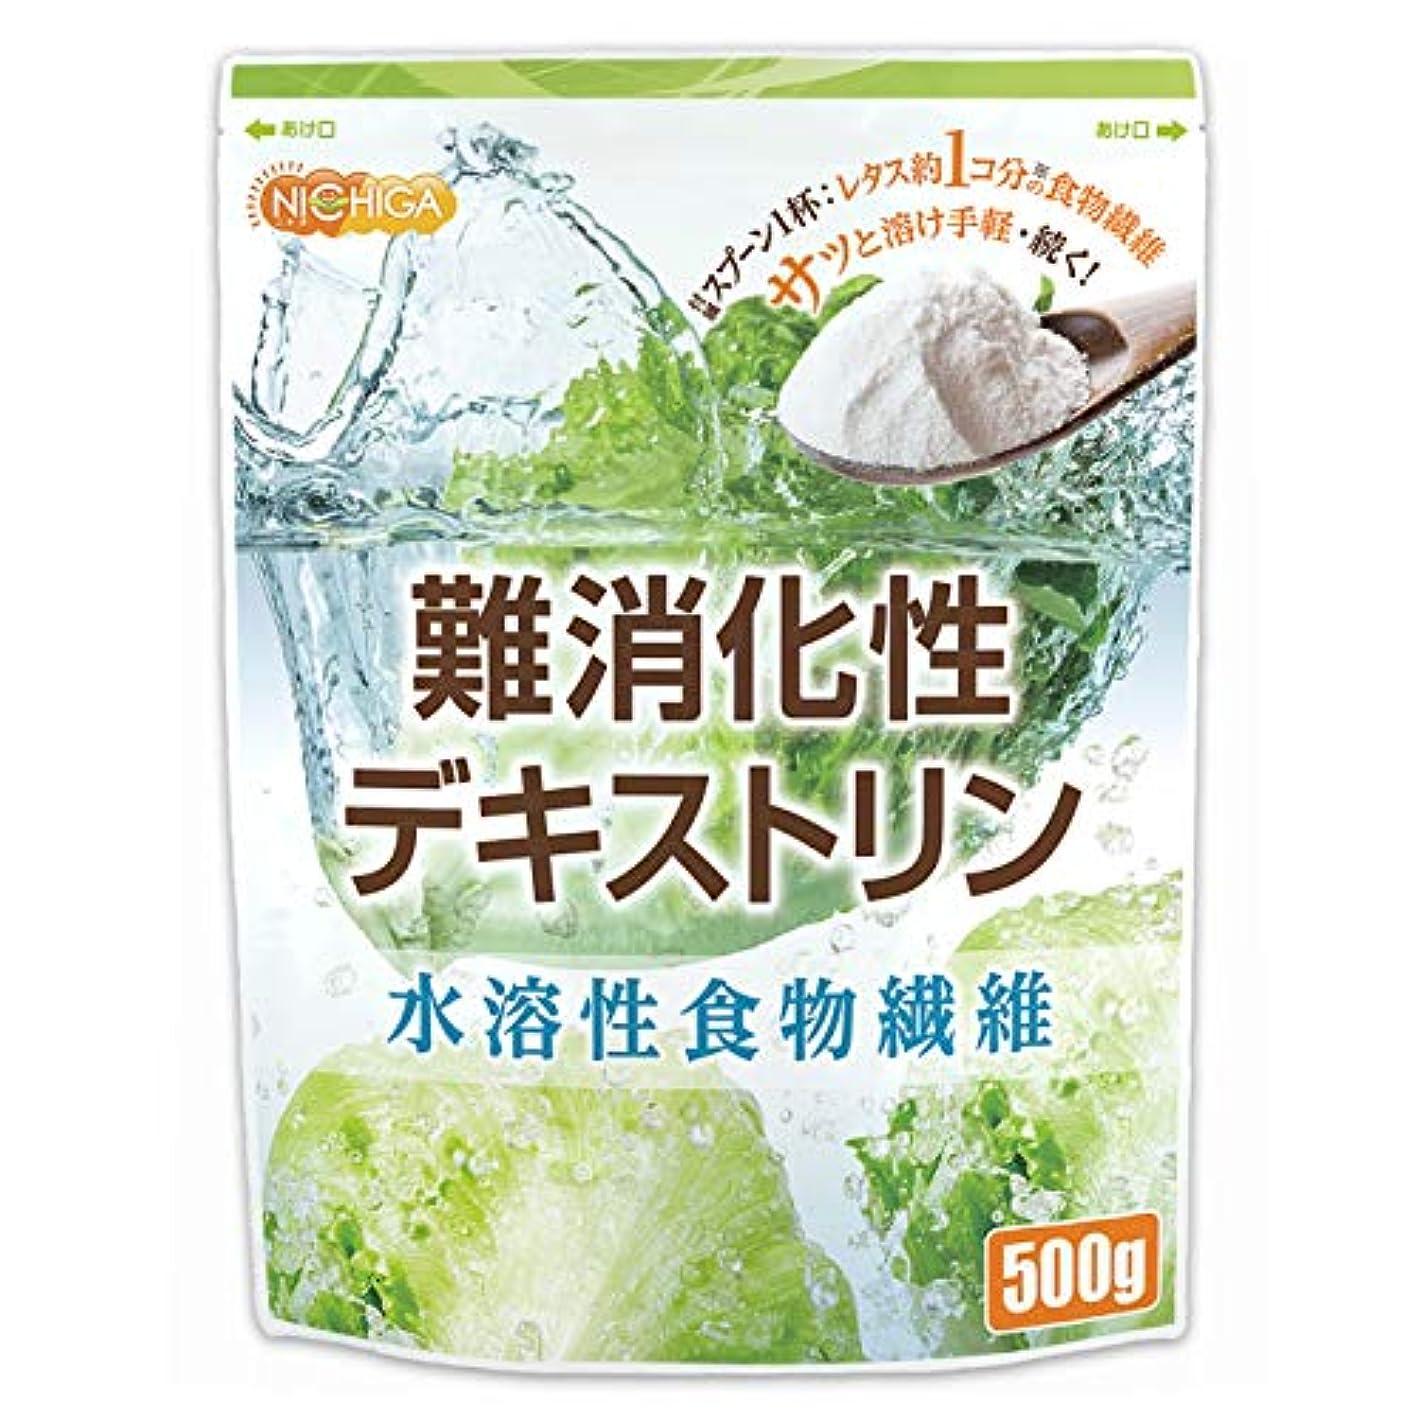 落ち着かない遠足子猫難消化性デキストリン 500g 製品のリニューアル致しました 水溶性食物繊維 [01] NICHIGA(ニチガ) 付属のスプーン1杯2.5gで、約レタス1個分の食物繊維